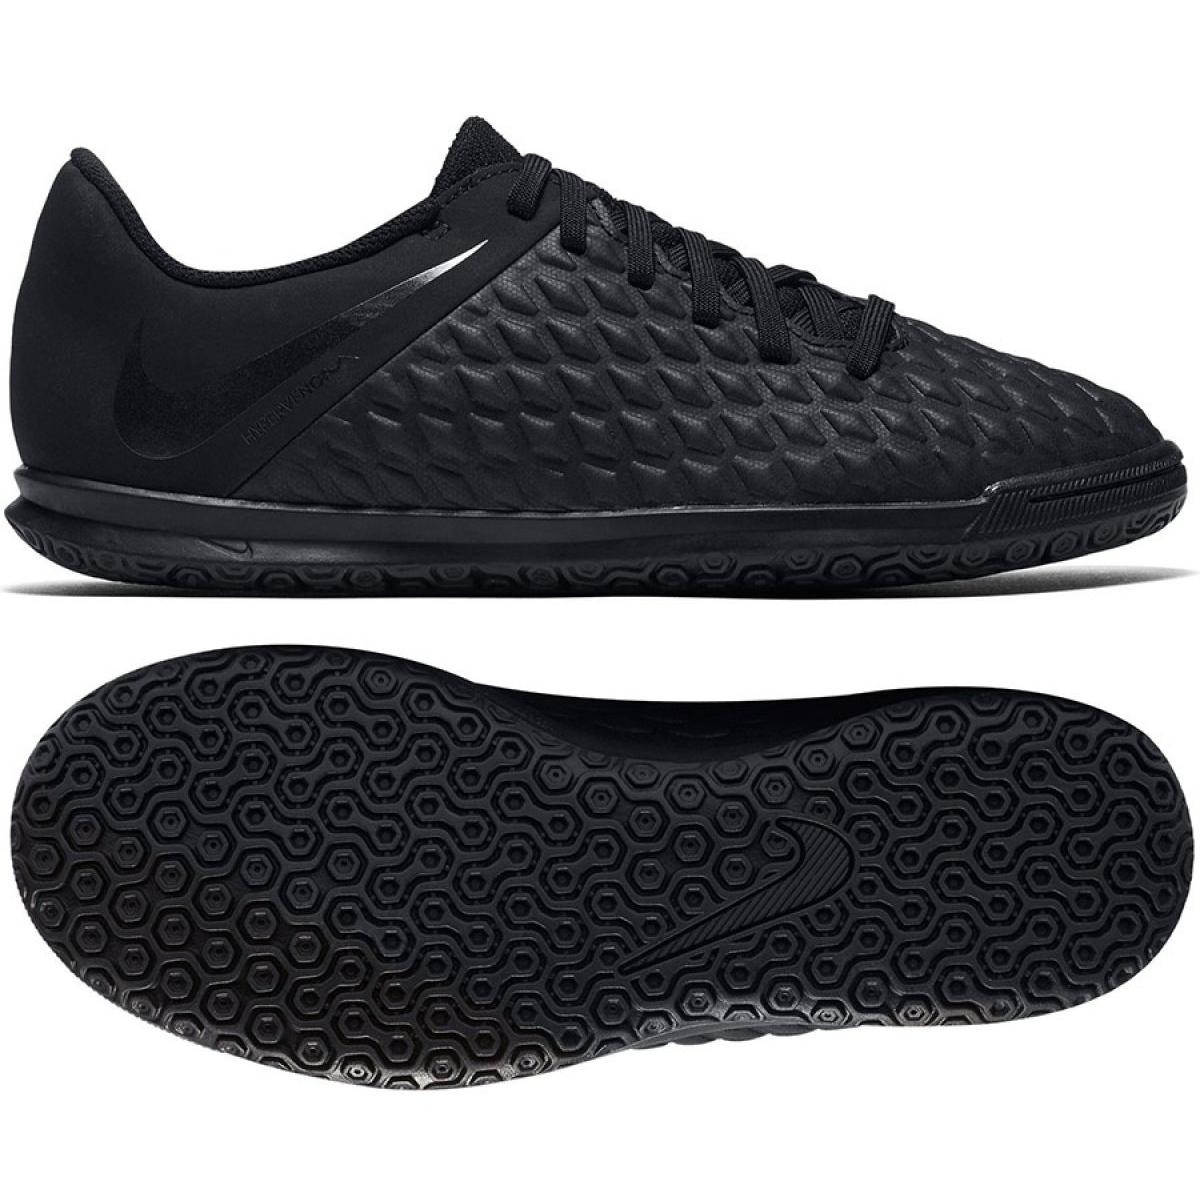 sports shoes a85e4 fa909 Football shoes Nike Hypervenom PhantomX 3 Club Ic Jr AJ3789-001